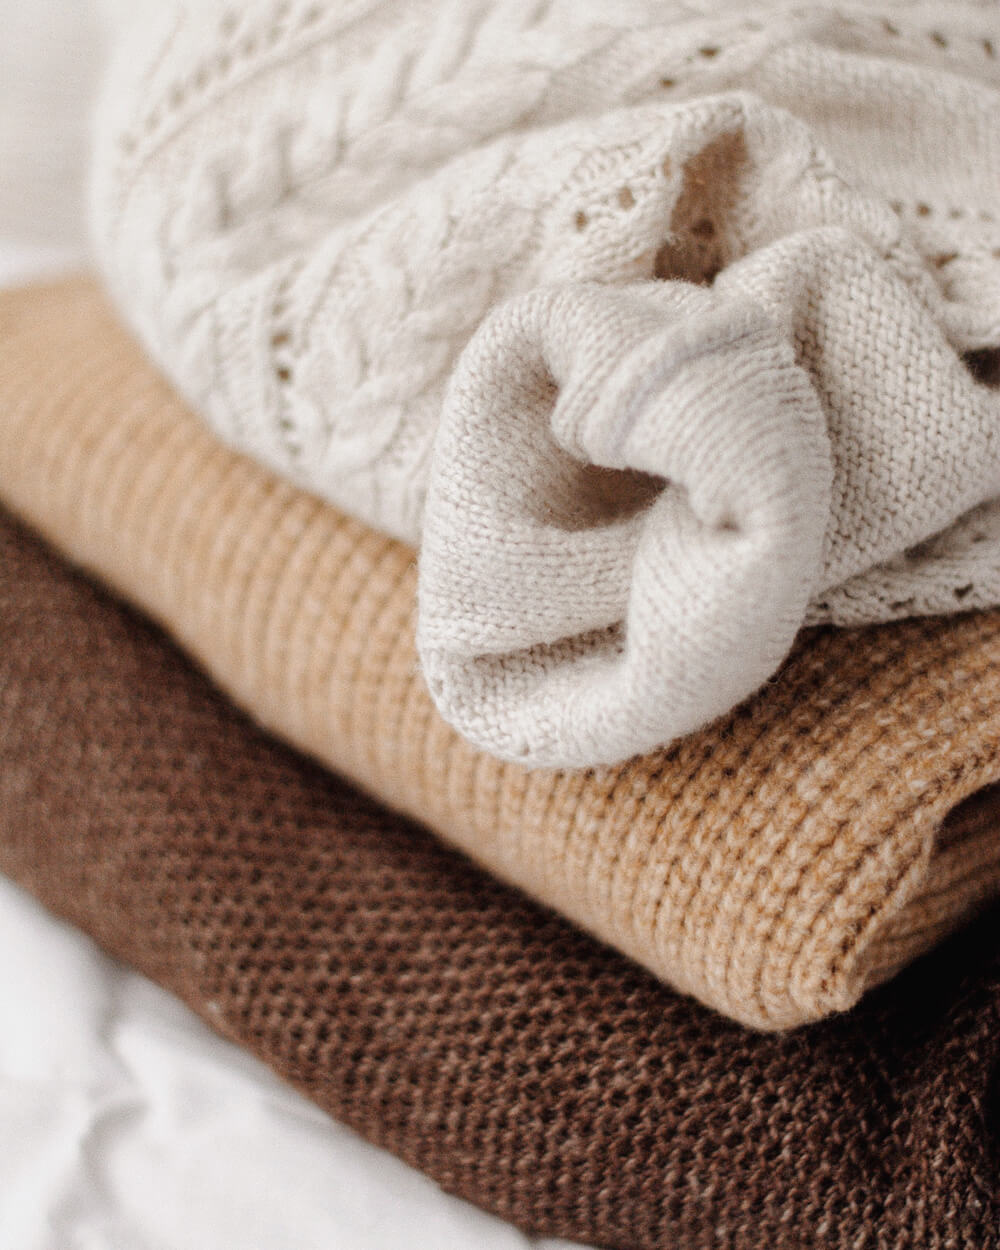 Conseils pour mettre à jour sa garde-robe de manière éthique et durable